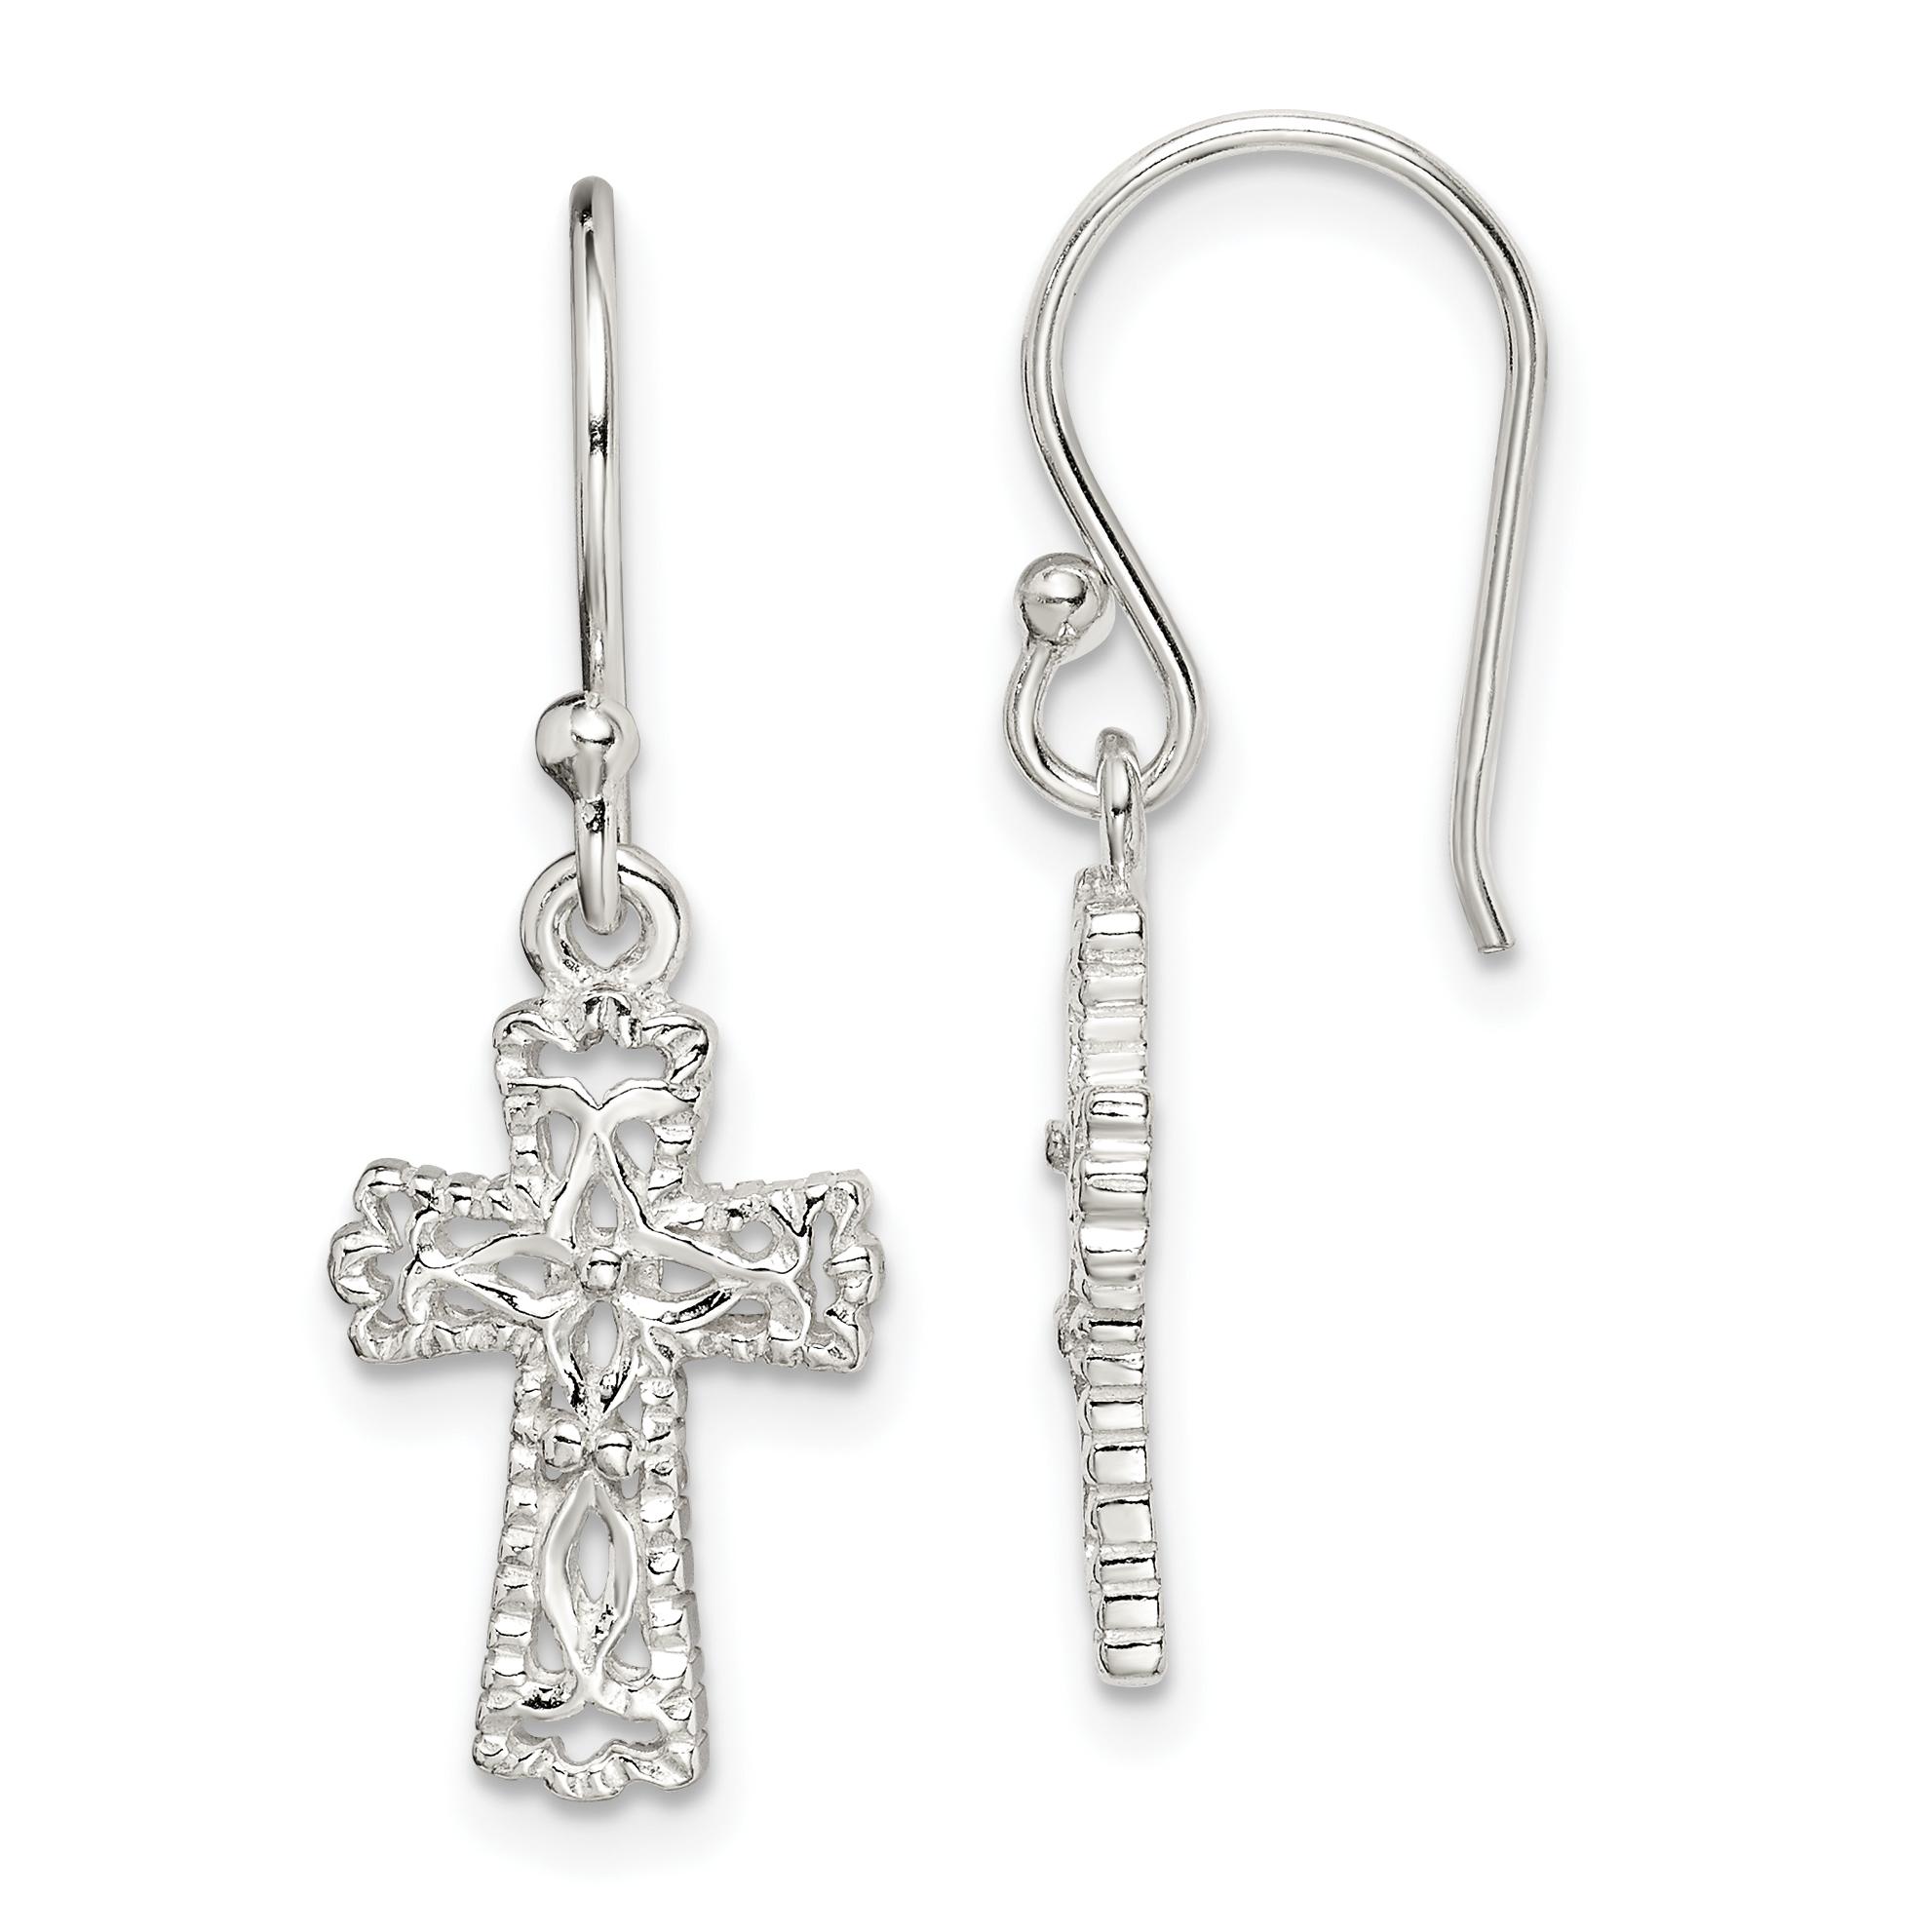 Sterling Silver Cross Earrings Weight 1 67 Grams Length 30mm Width 11mm